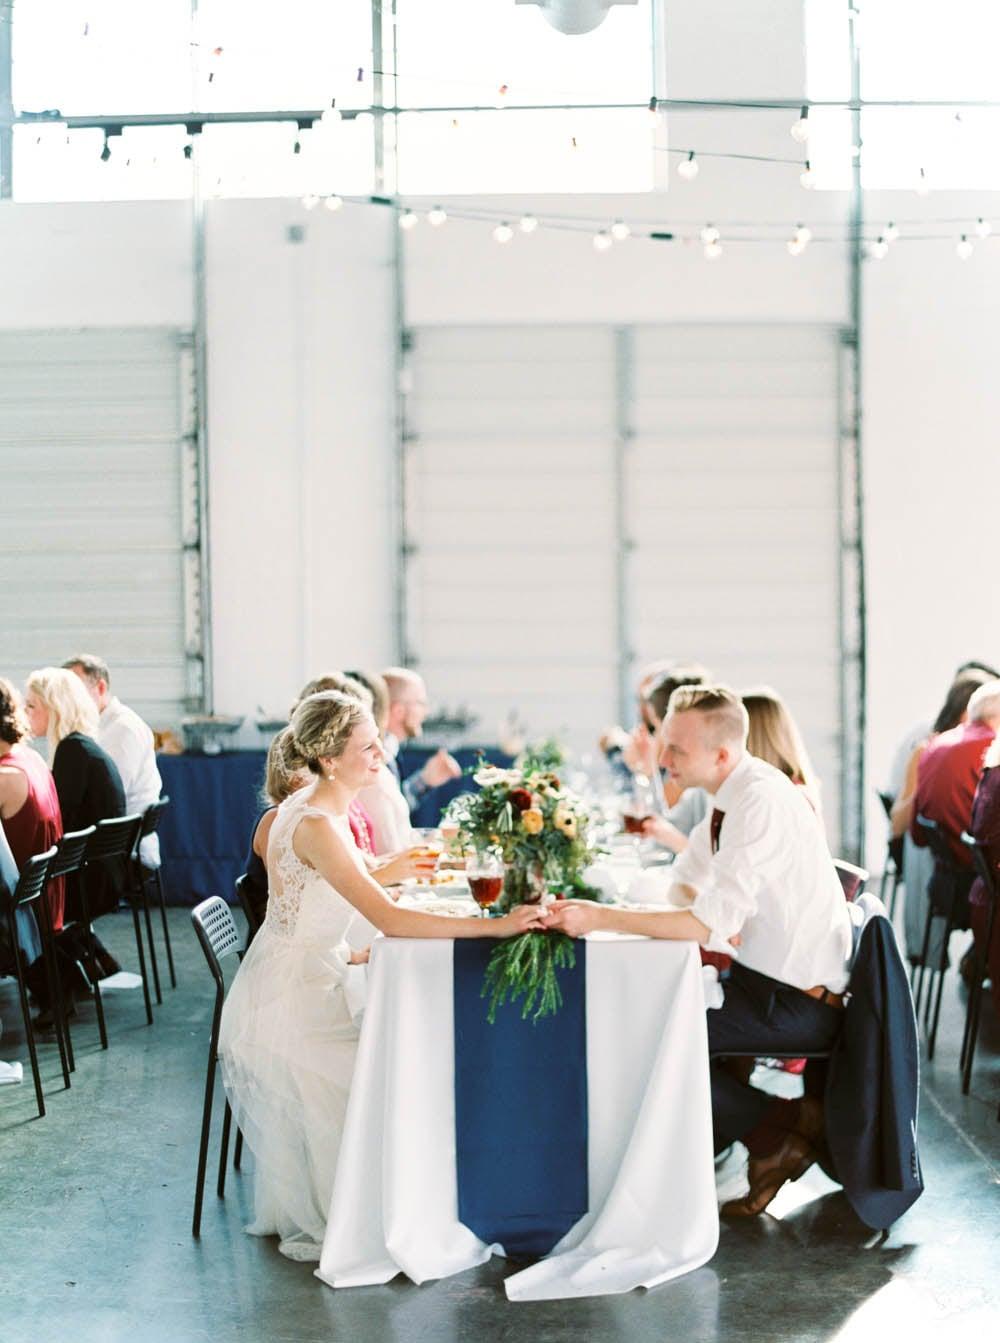 MariaLamb-Branden-Sammi-Wedding416.jpg